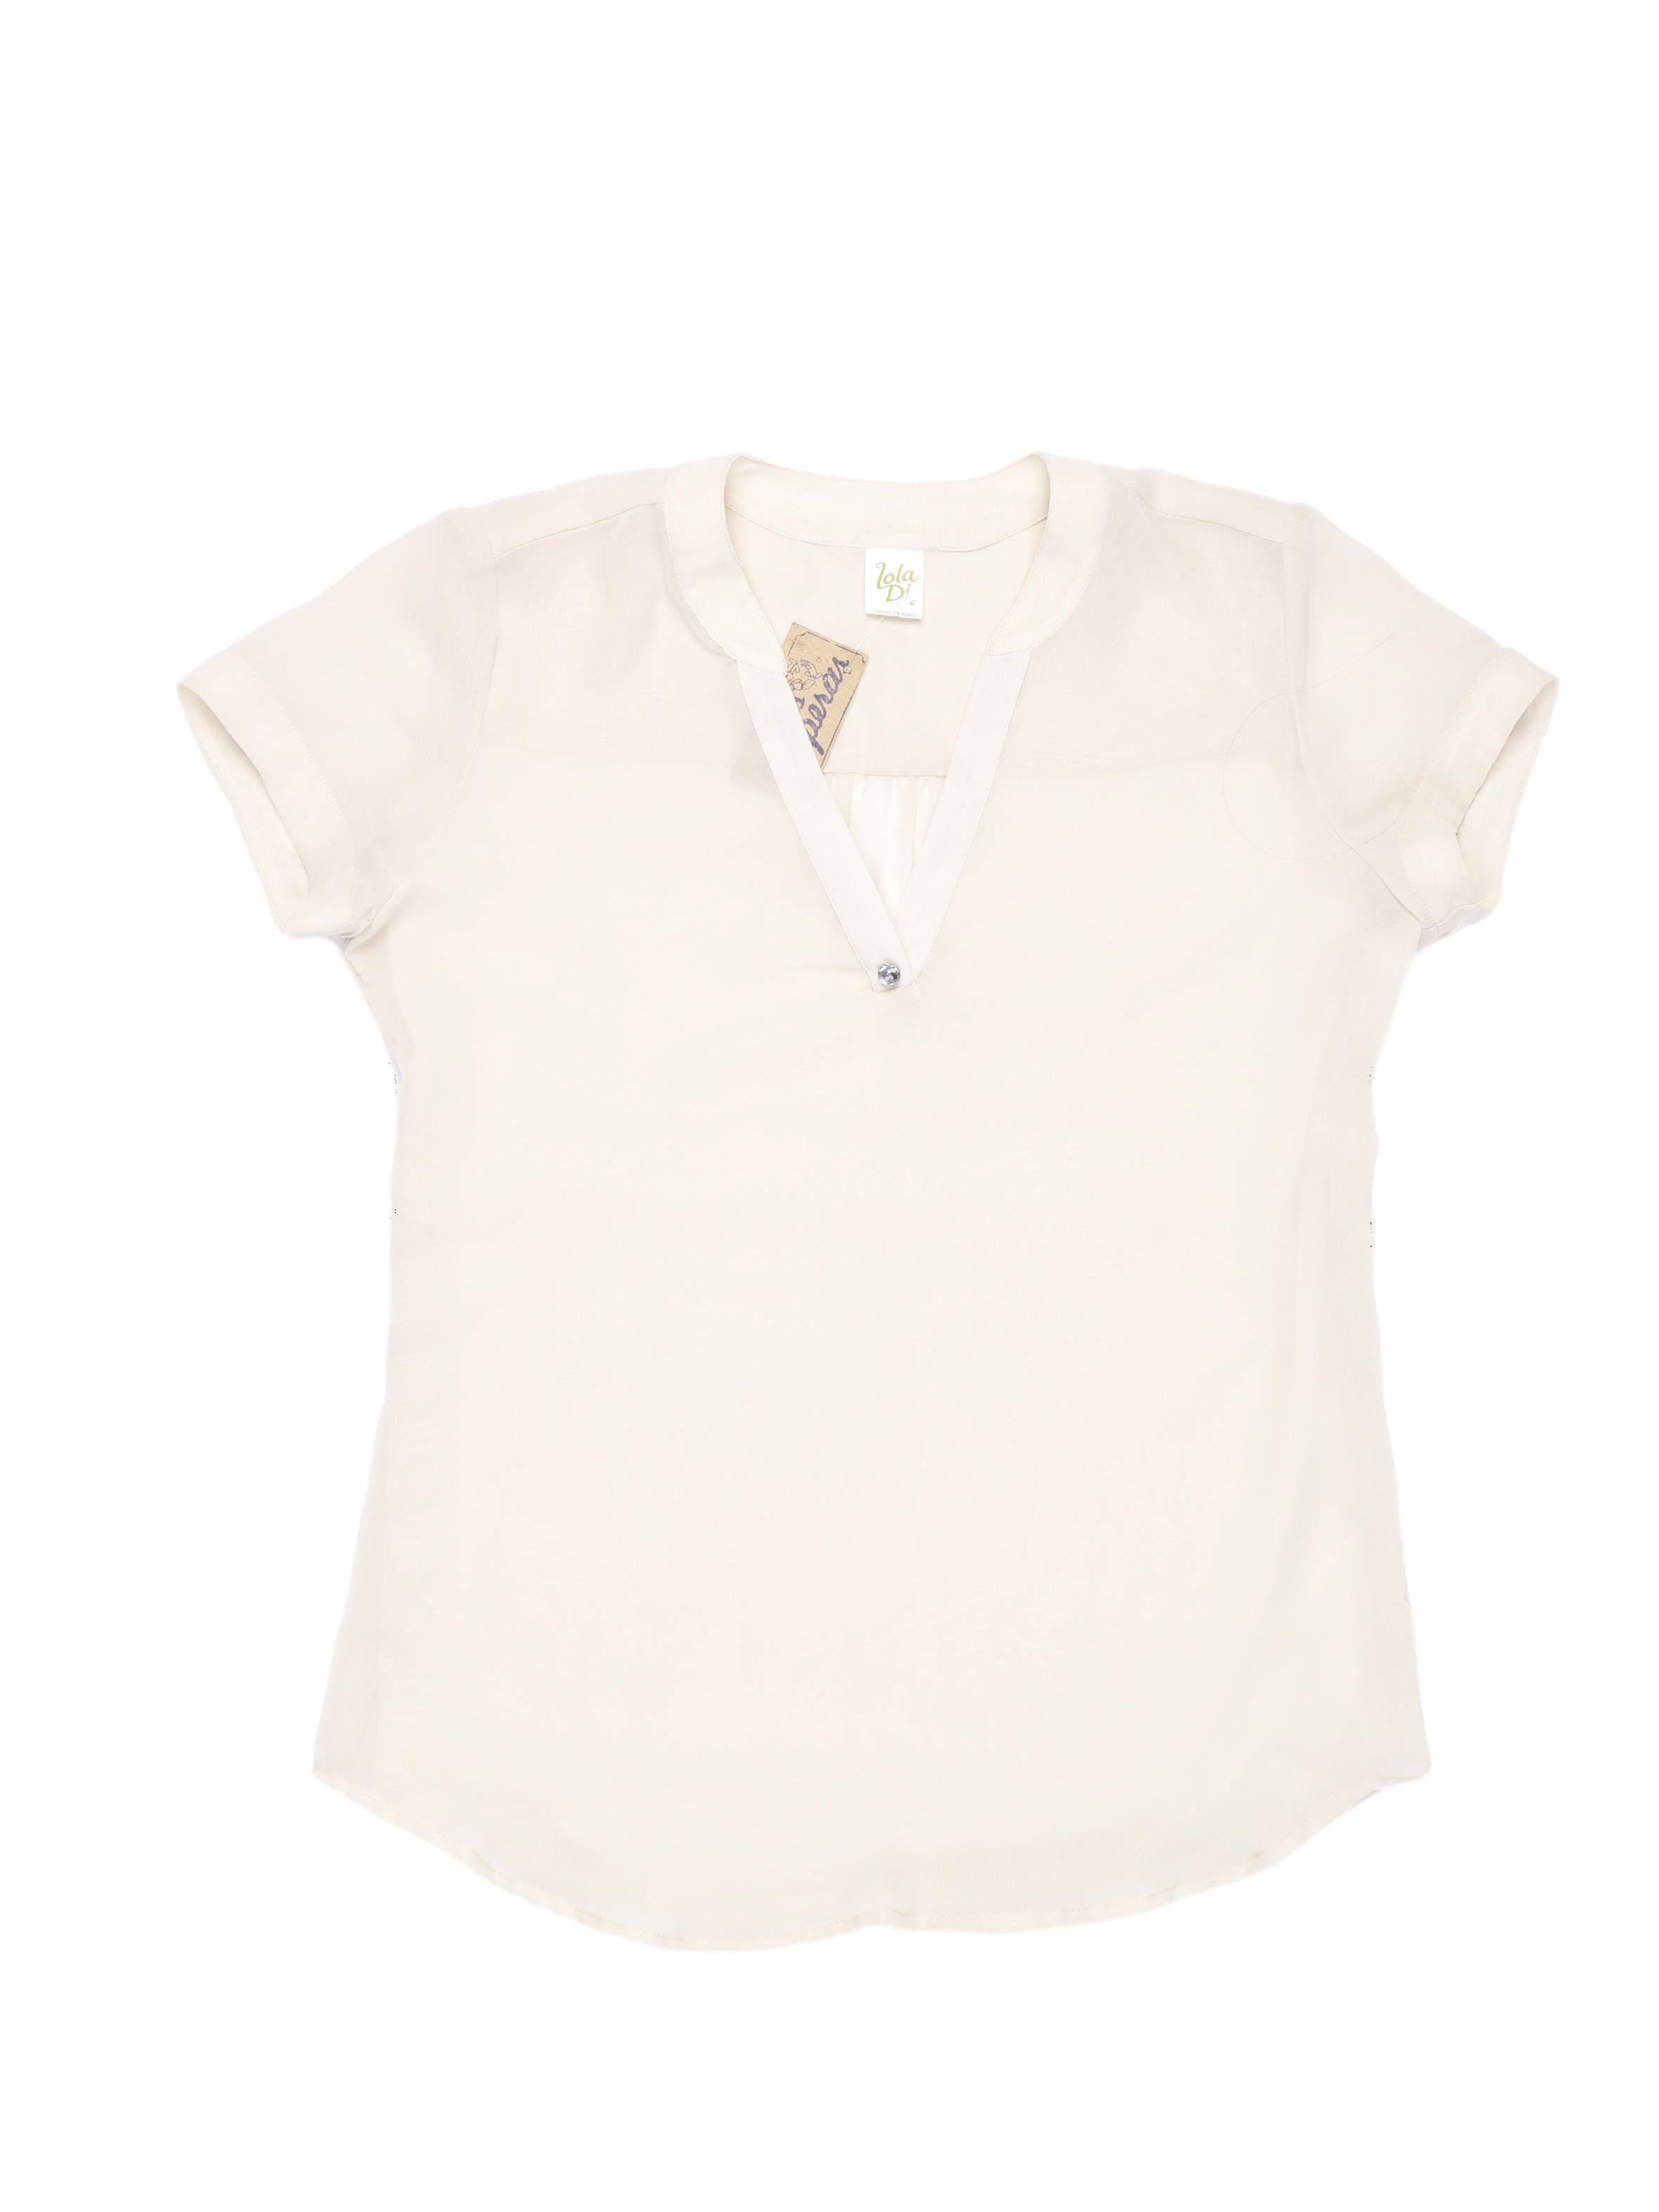 Blusa de gasa crema con escote en V y aplicación tipo diamante.